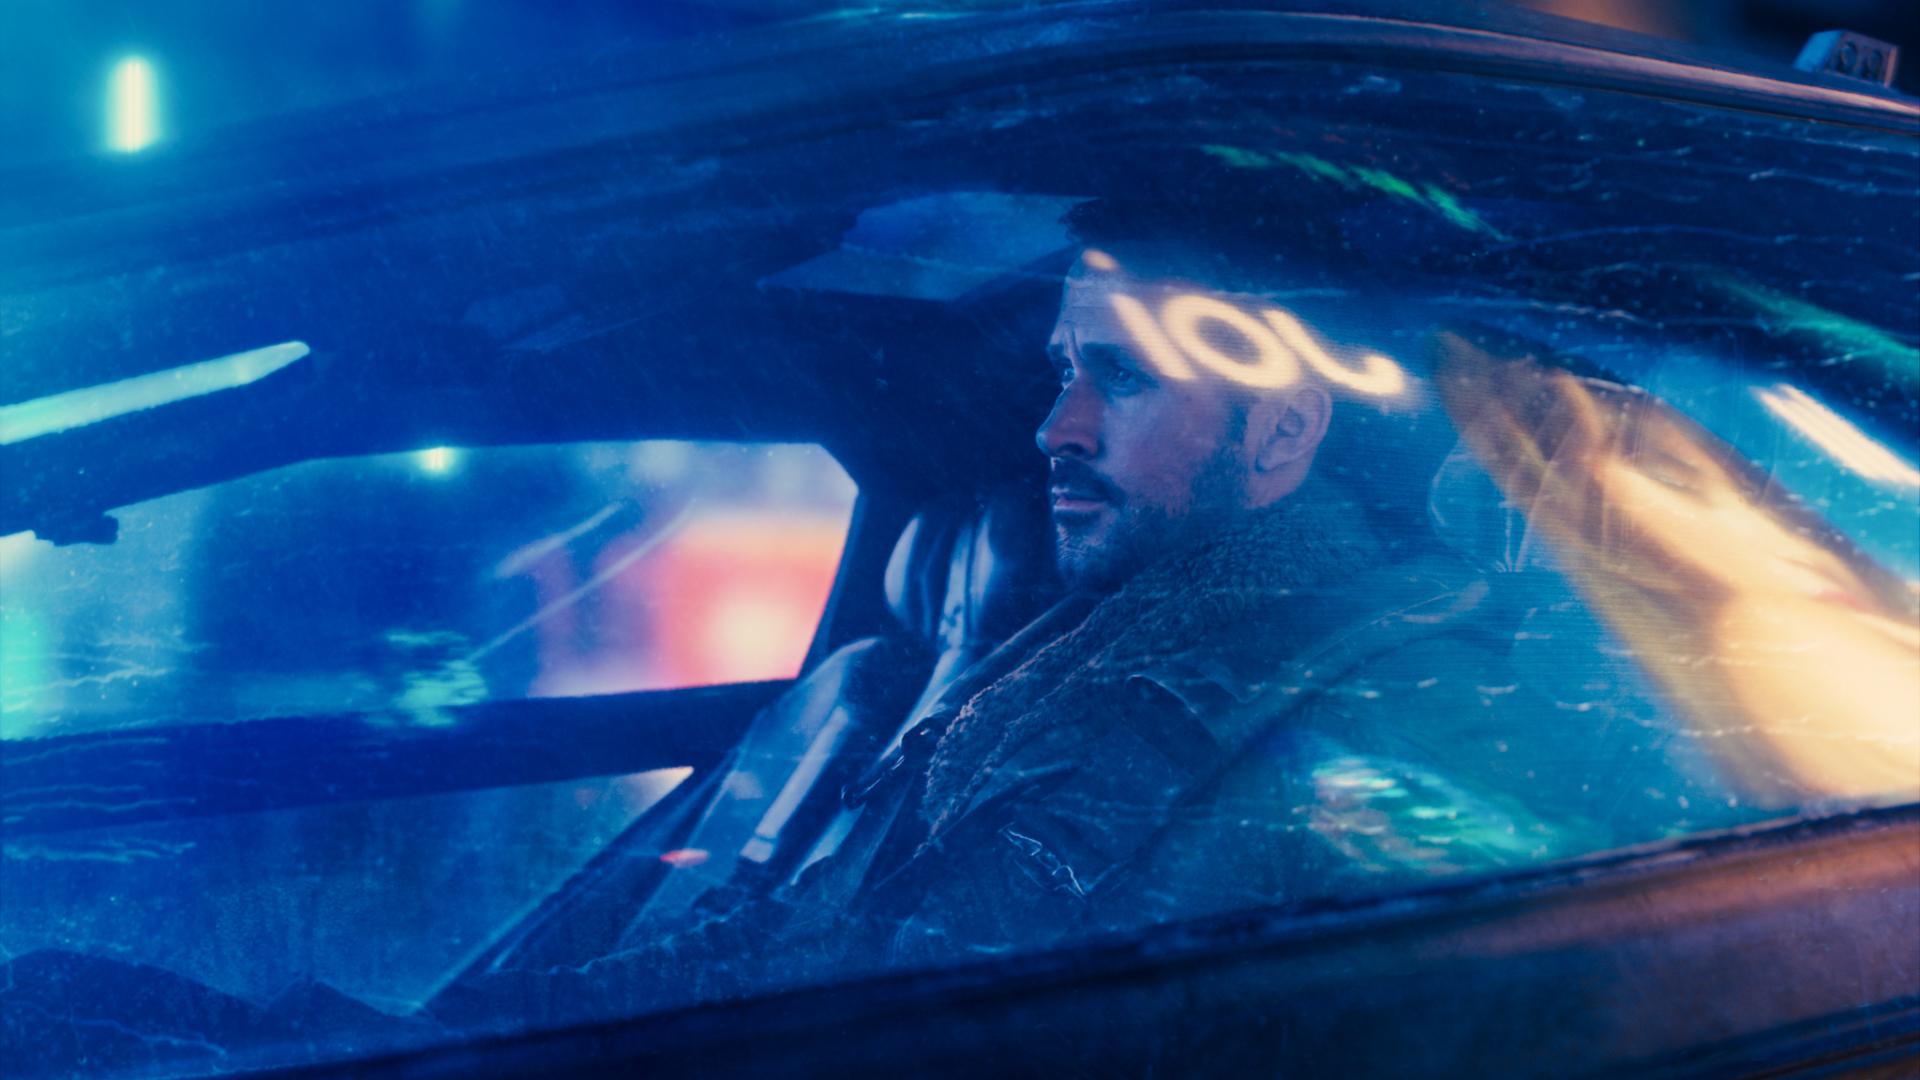 1920x1080 2017 Ryan Gosling Blade Runner 2049 1080P Laptop ...